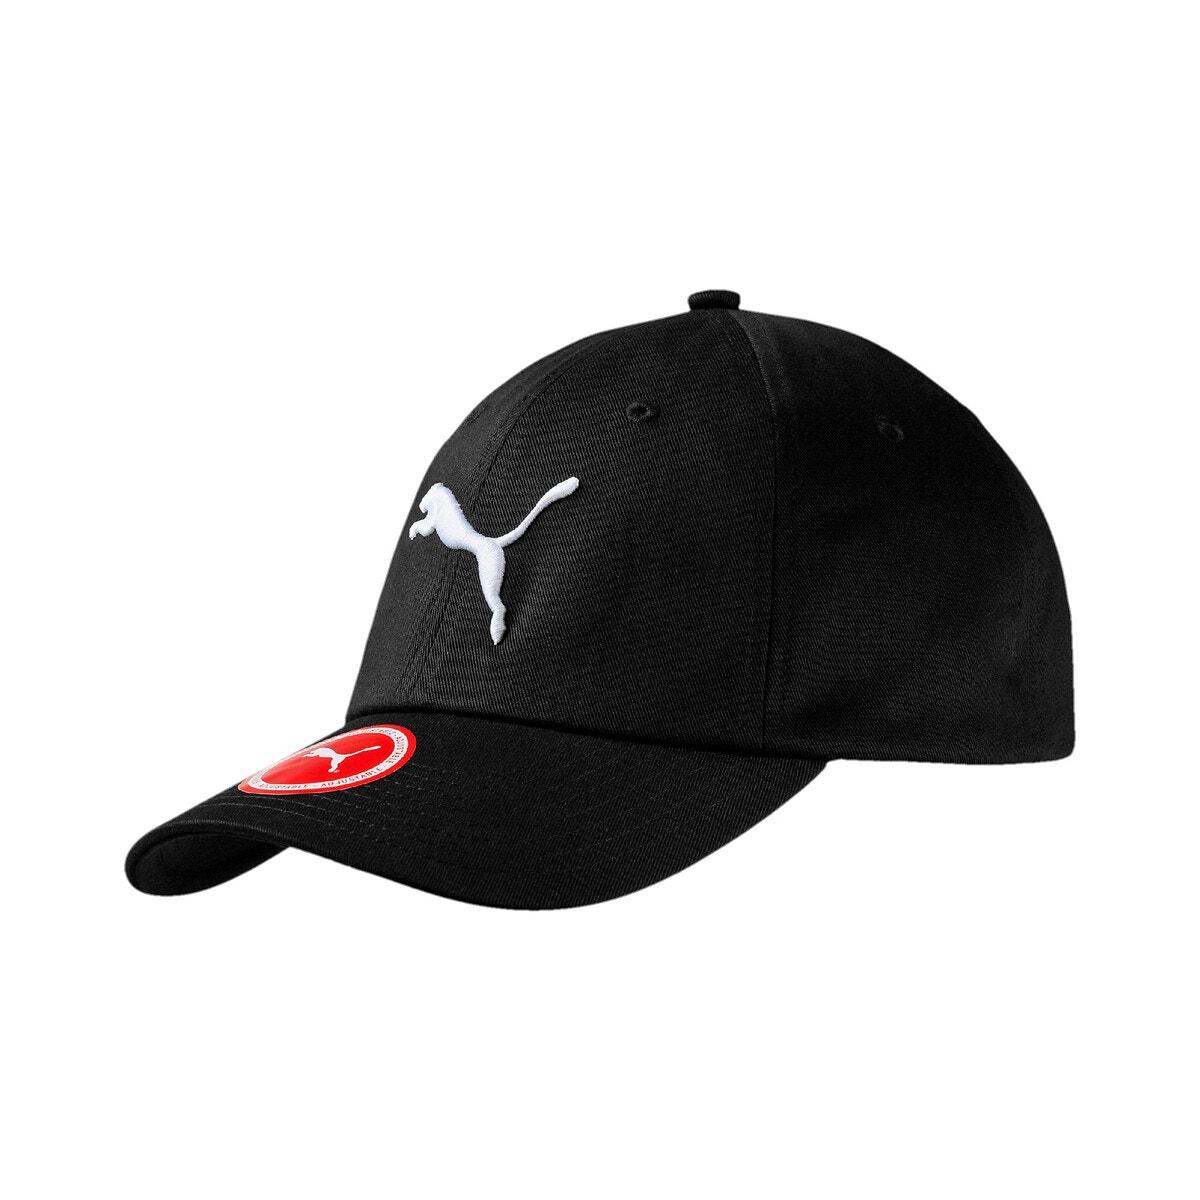 Καπέλο PCK6 Ess Big Cat